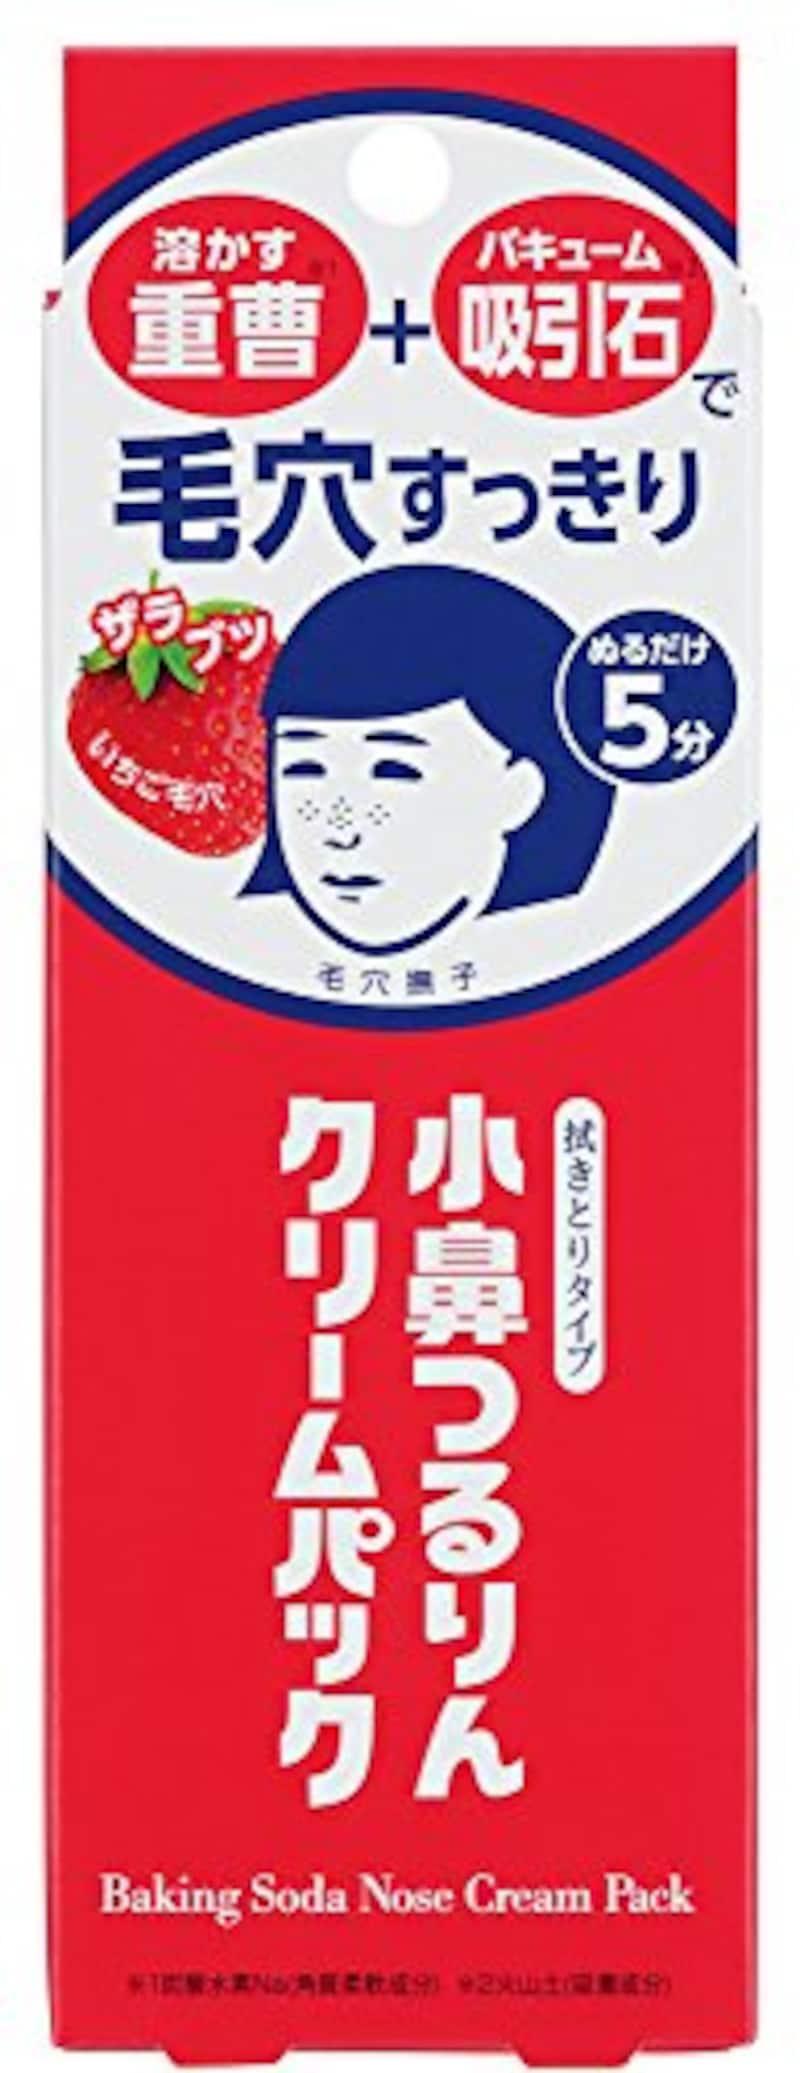 石澤研究所,毛穴撫子 小鼻つるりんクリームパック